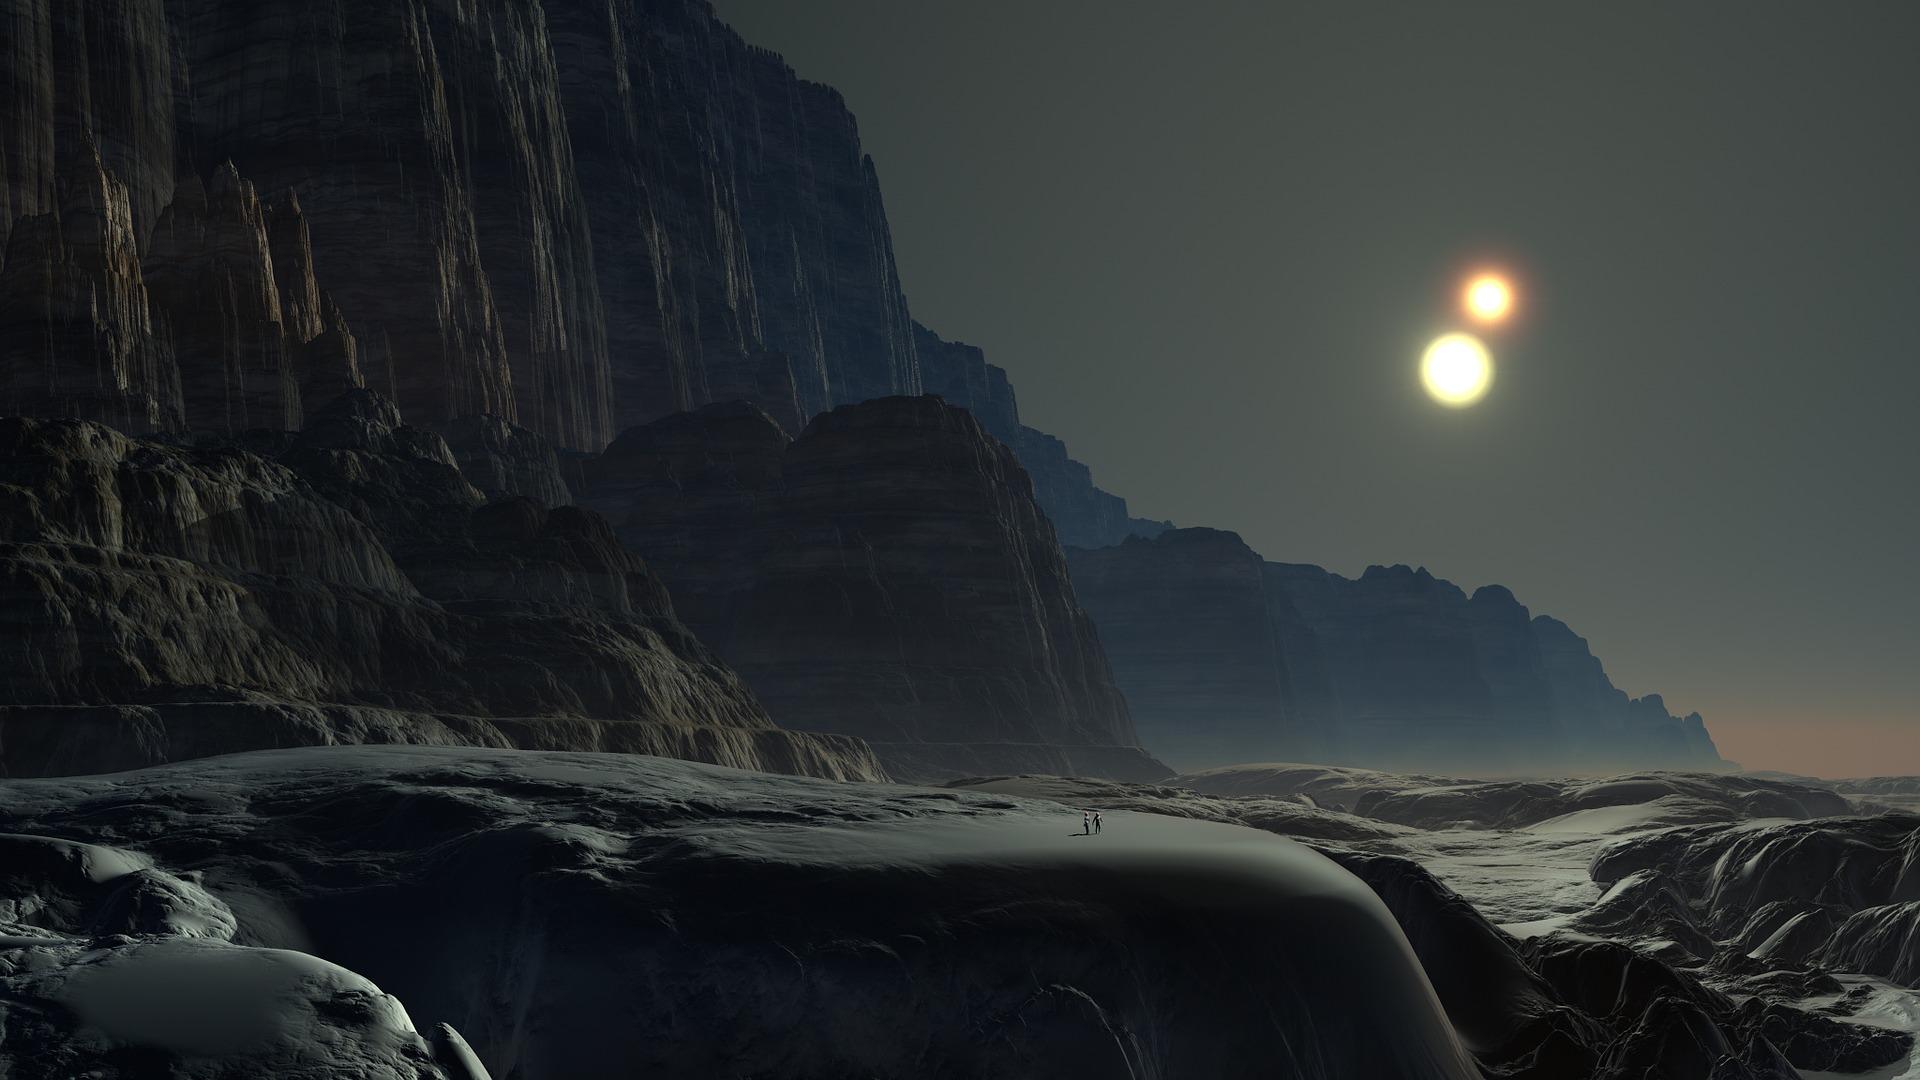 planeta, Sol, Duplo, Estrela, montanhas - Papéis de parede HD - Professor-falken.com